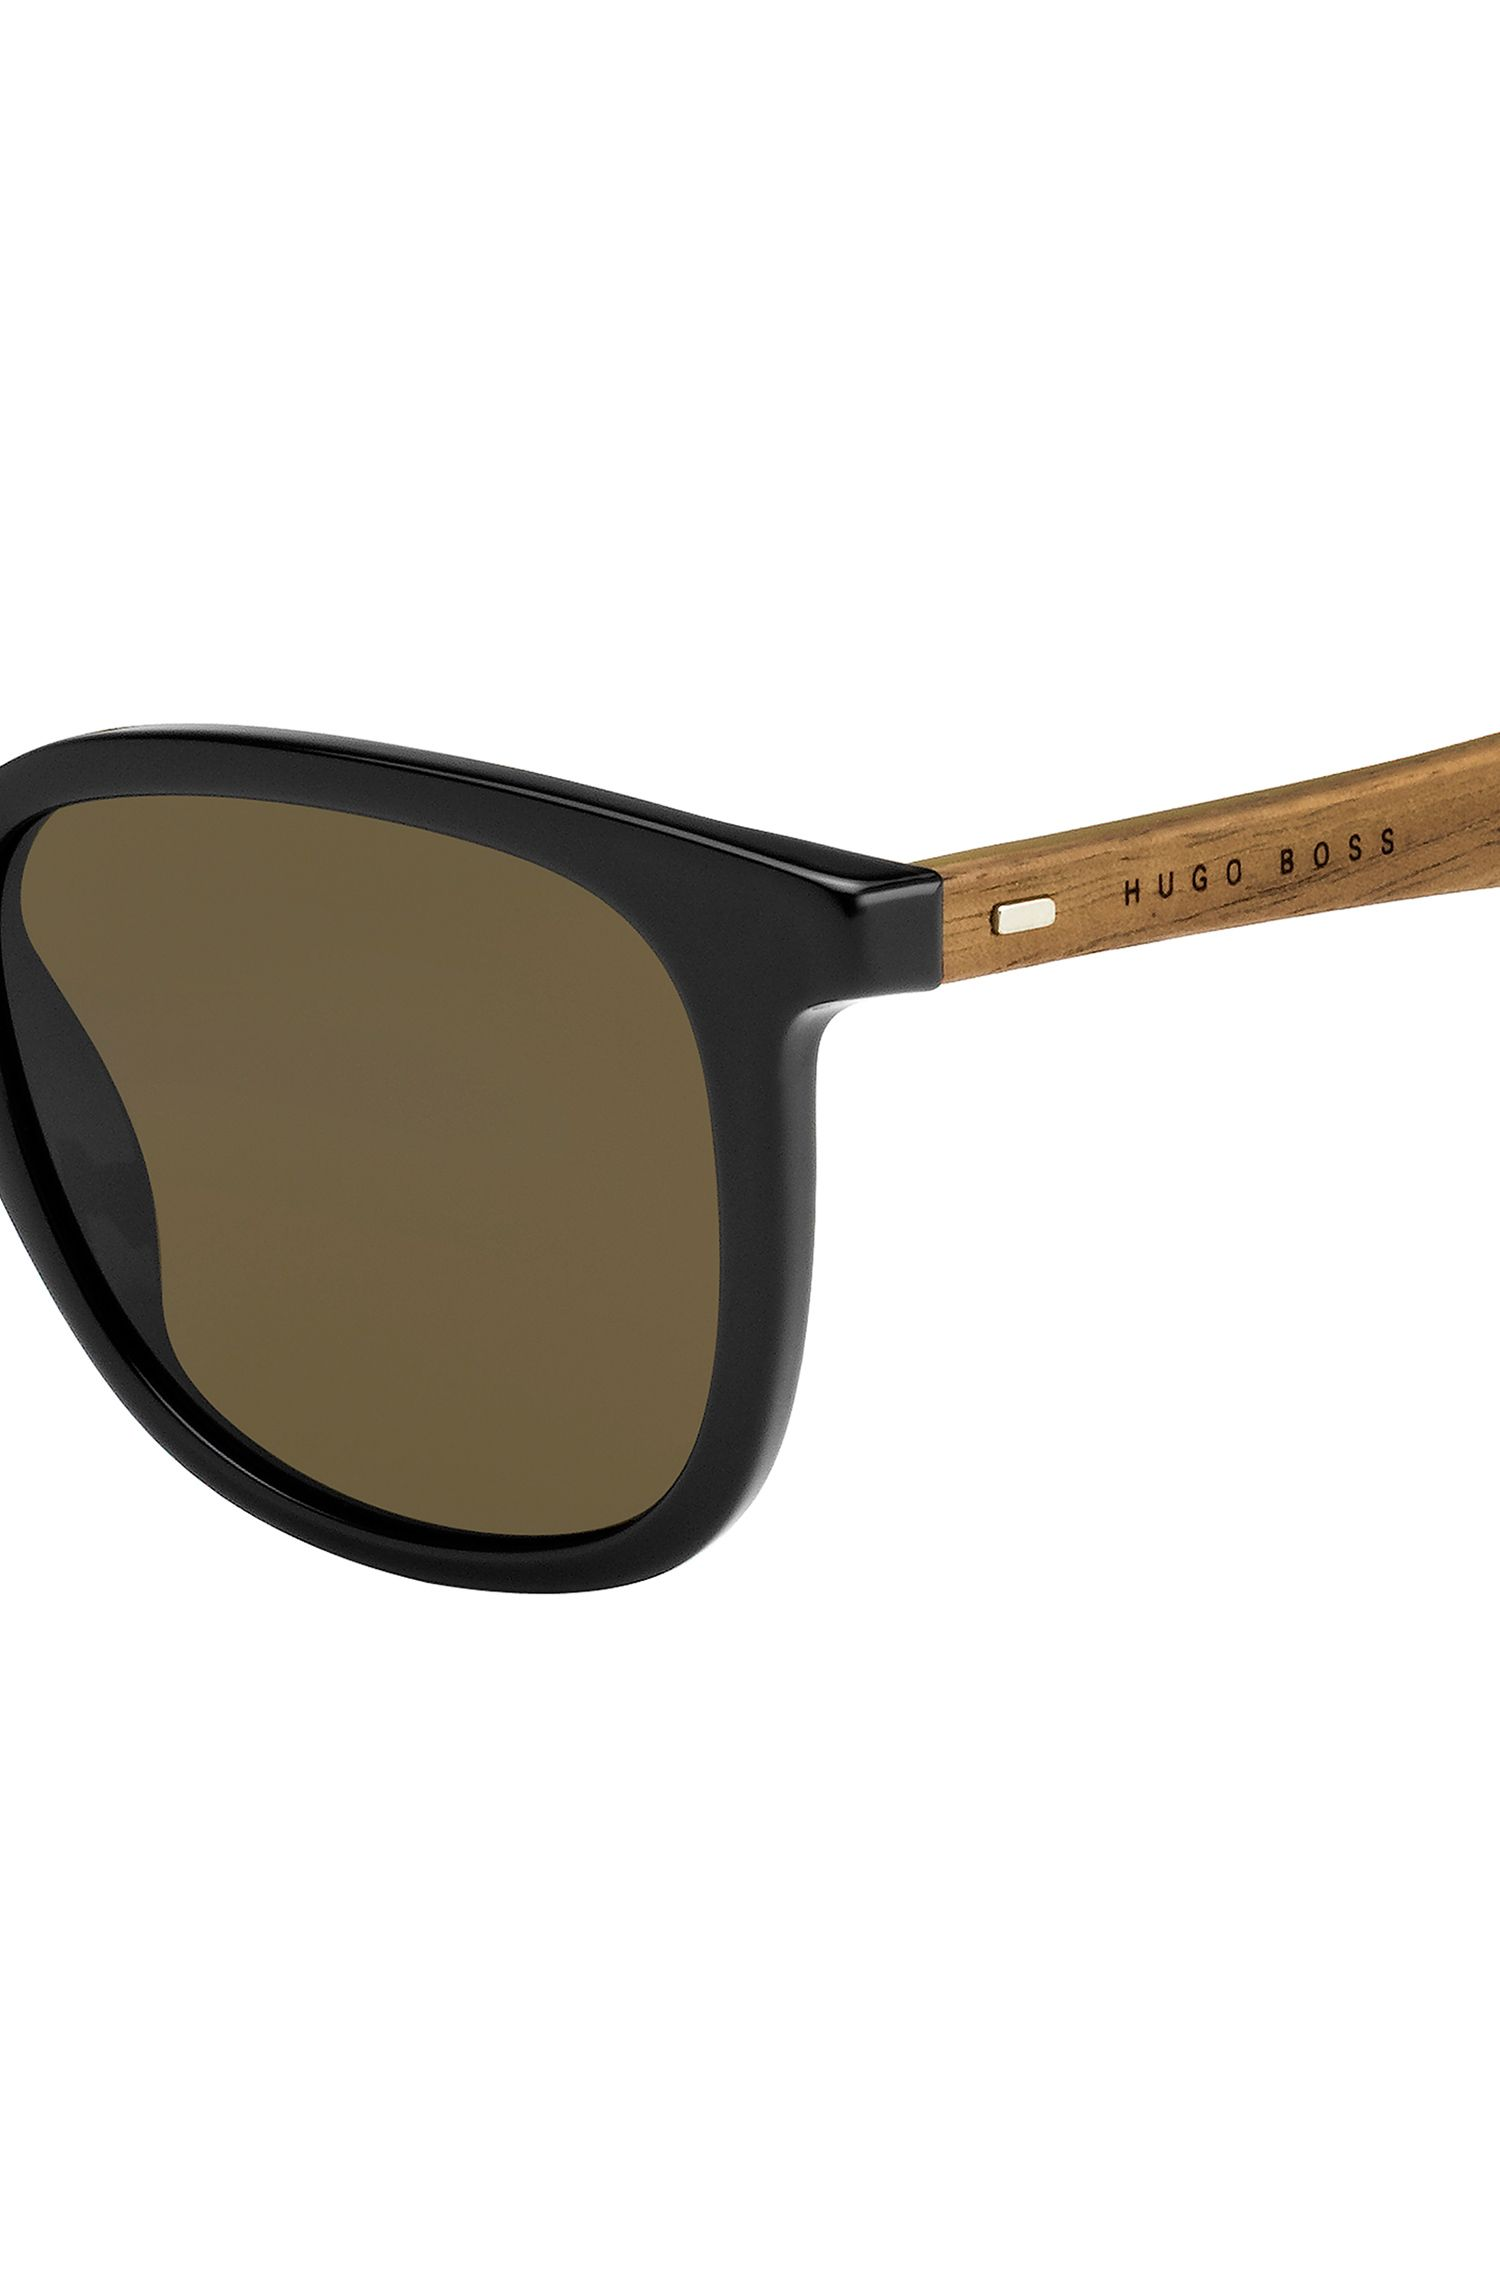 Wood Acetate Round Sunglasses   BOSS 0843S